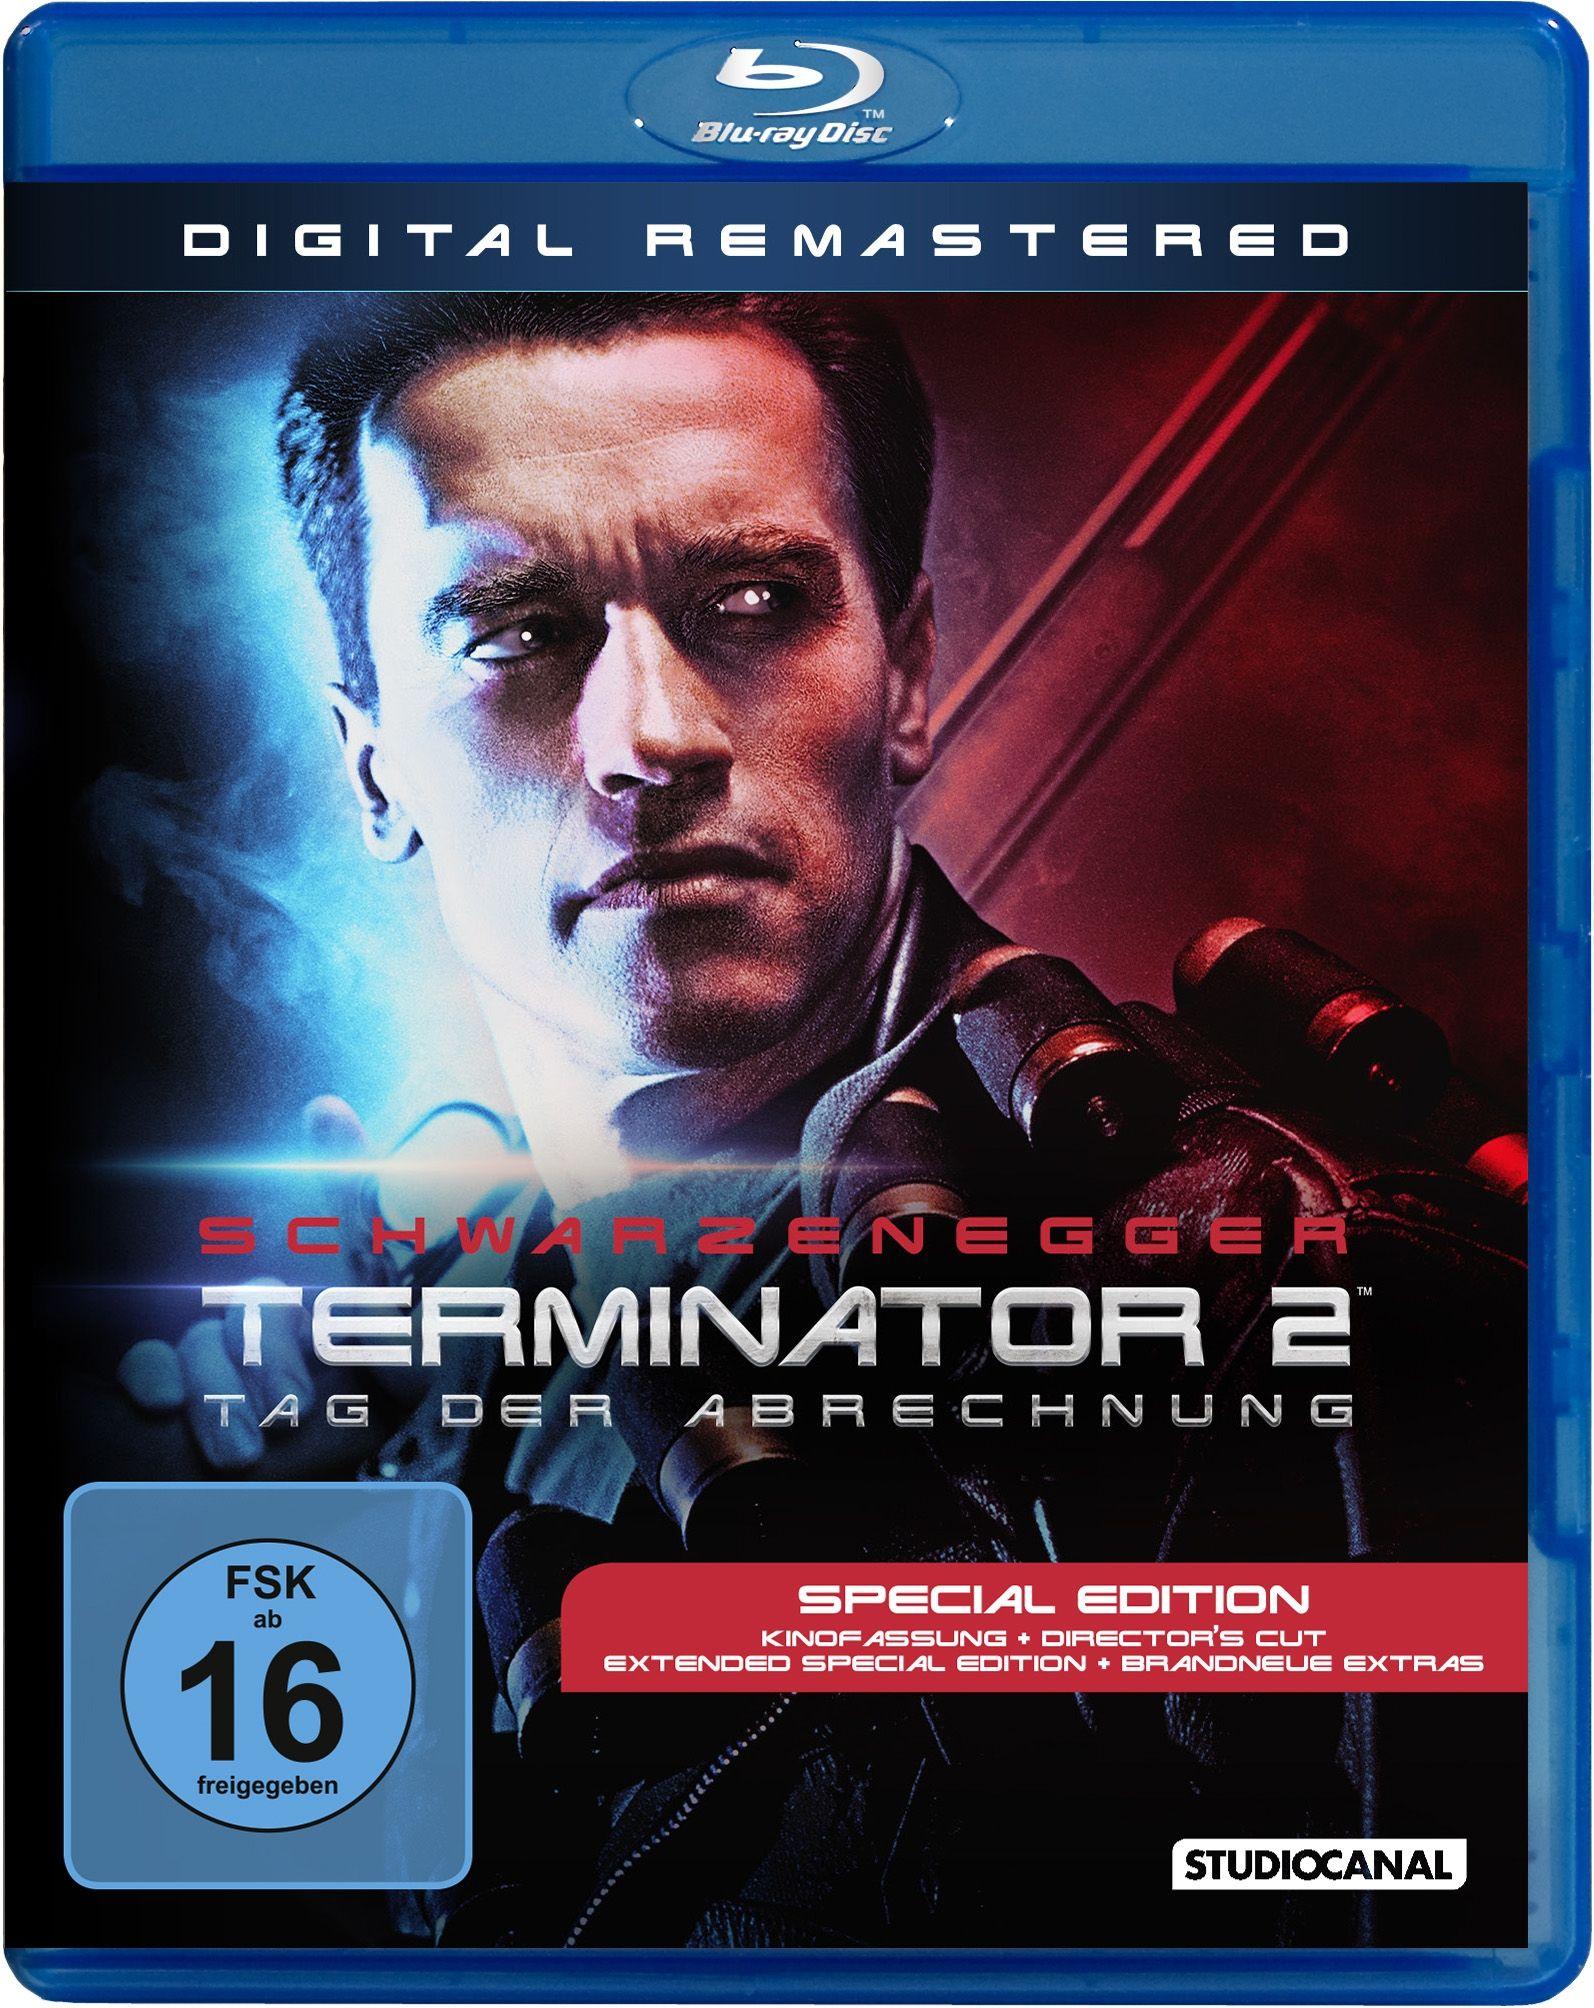 Terminator 2 - Tag der Abrechnung (Digital Remastered) (BLURAY)